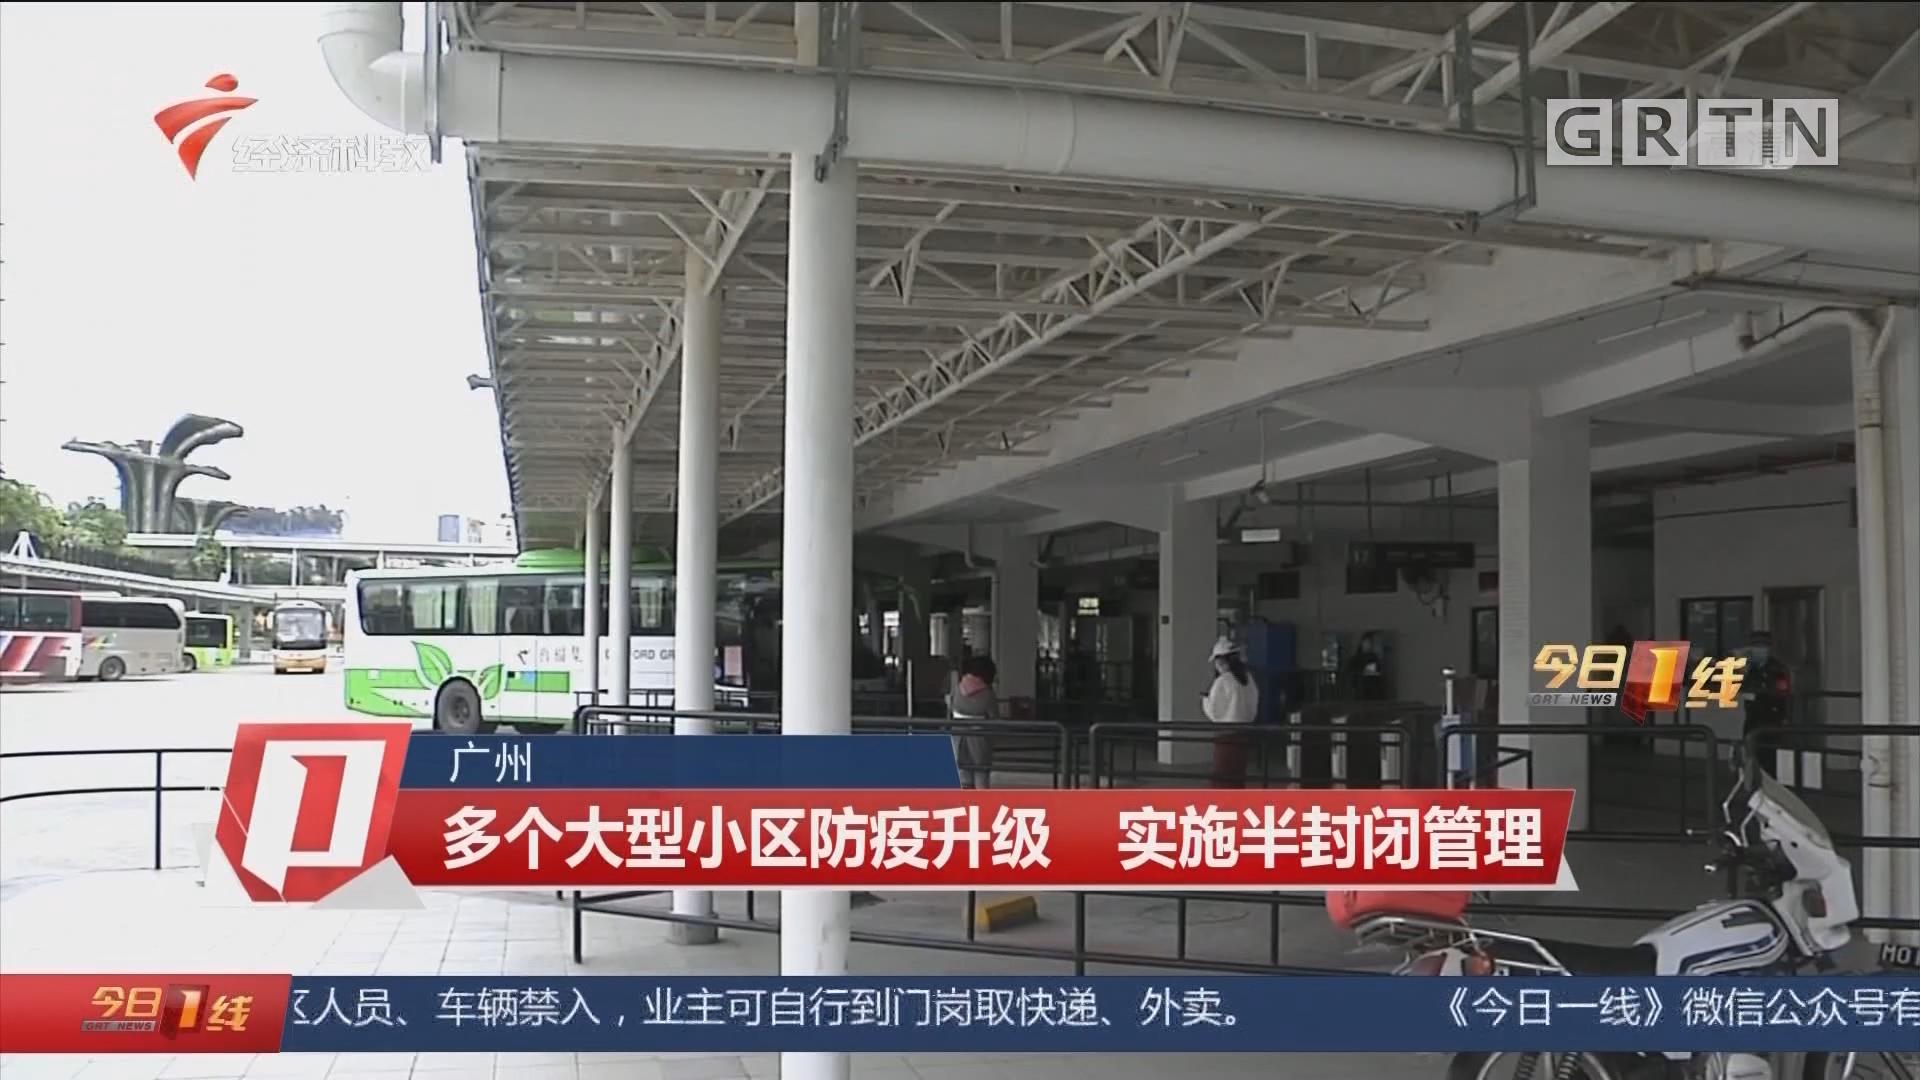 广州:多个大型小区防疫升级 实施半封闭管理